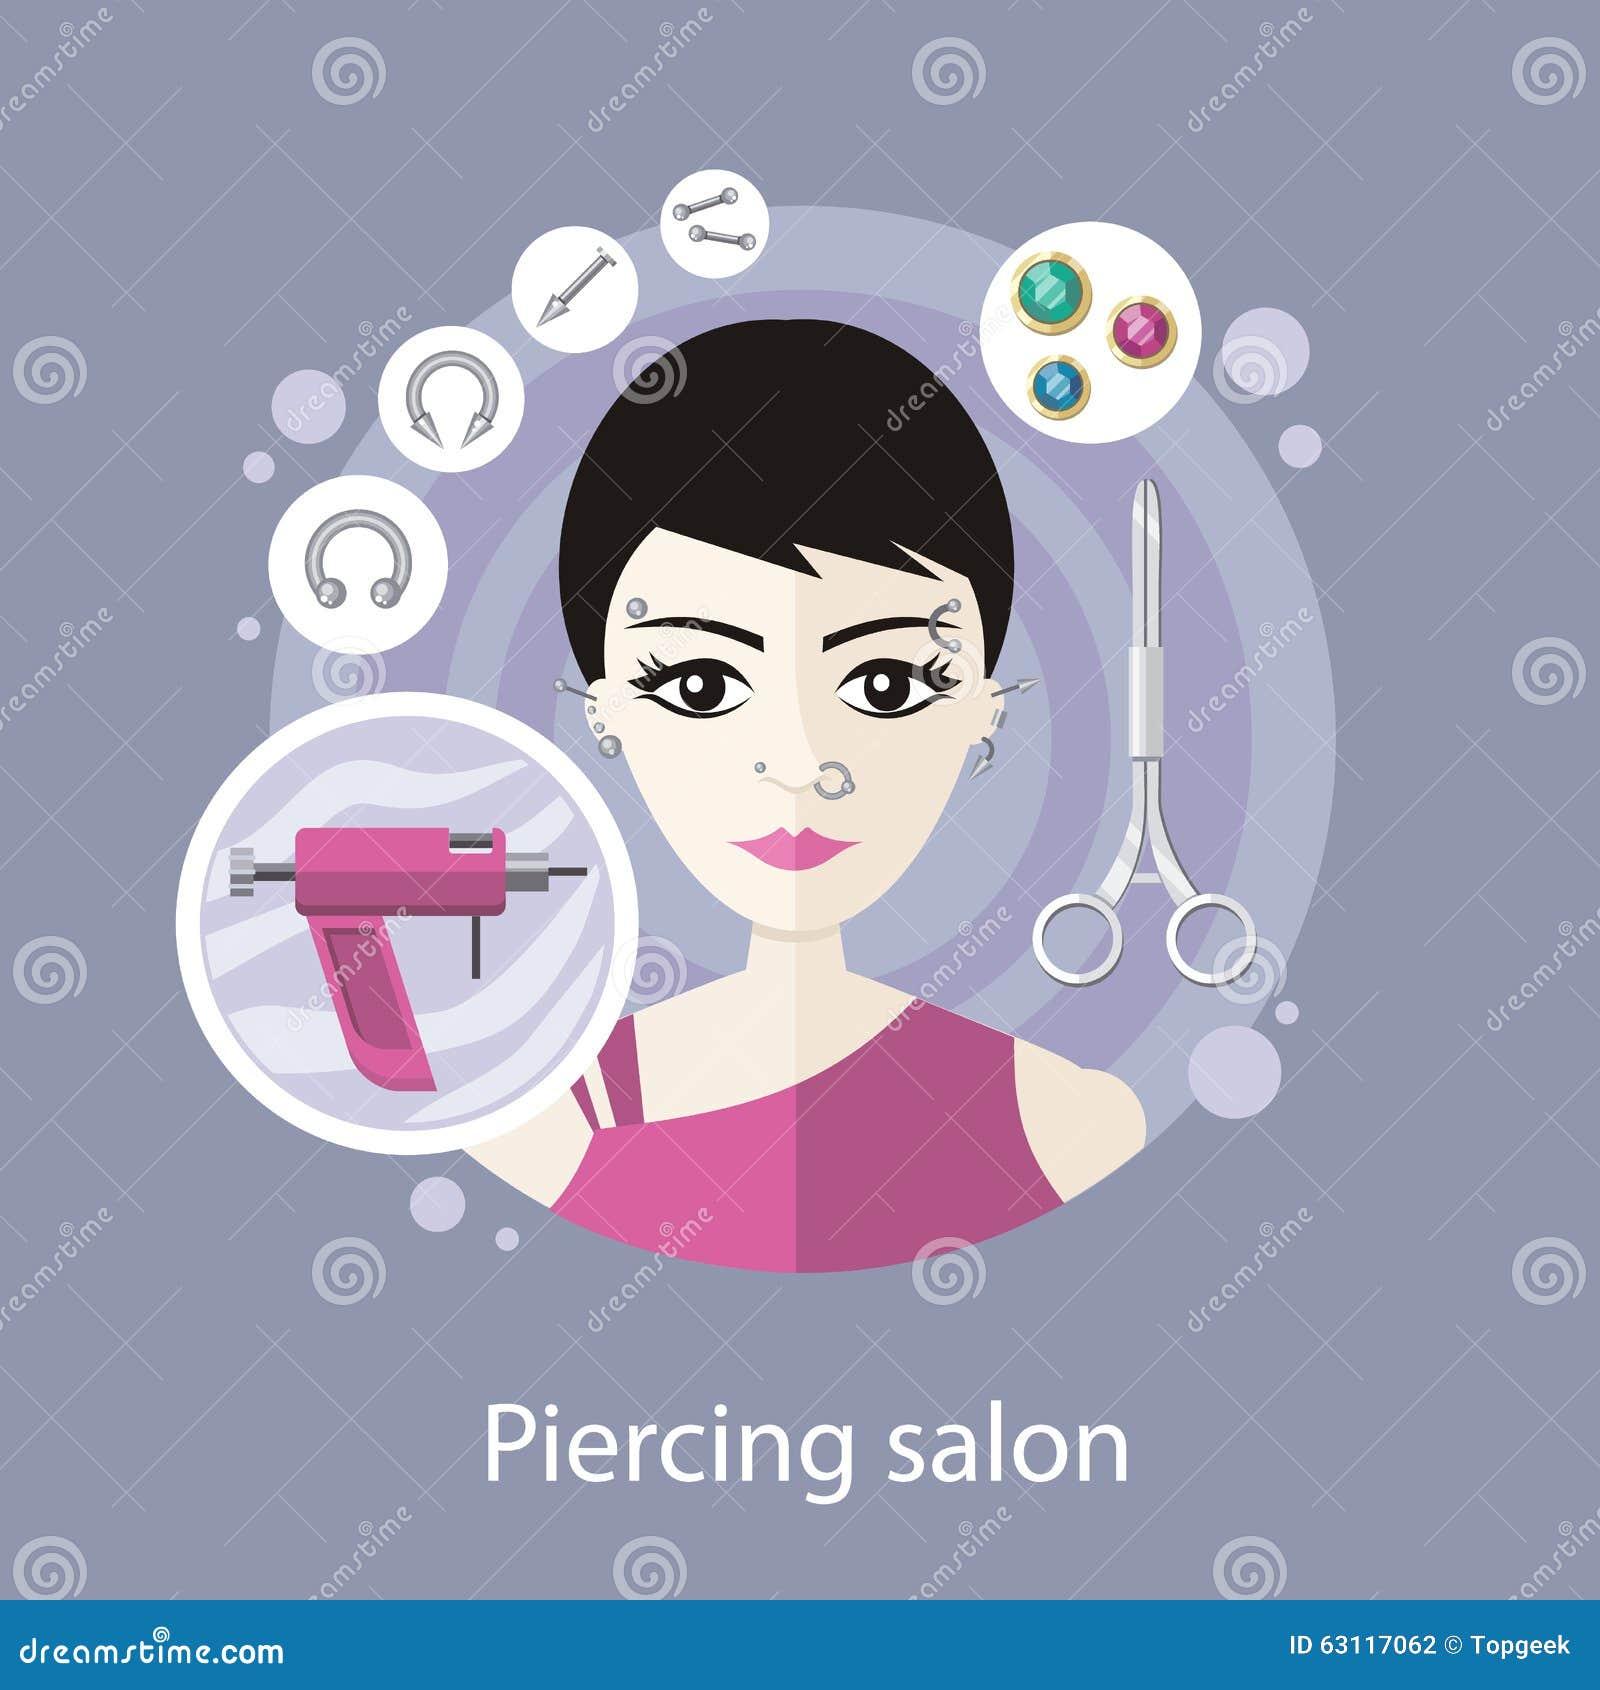 Conception plate de style de salon piercing illustration for Outil de conception salon